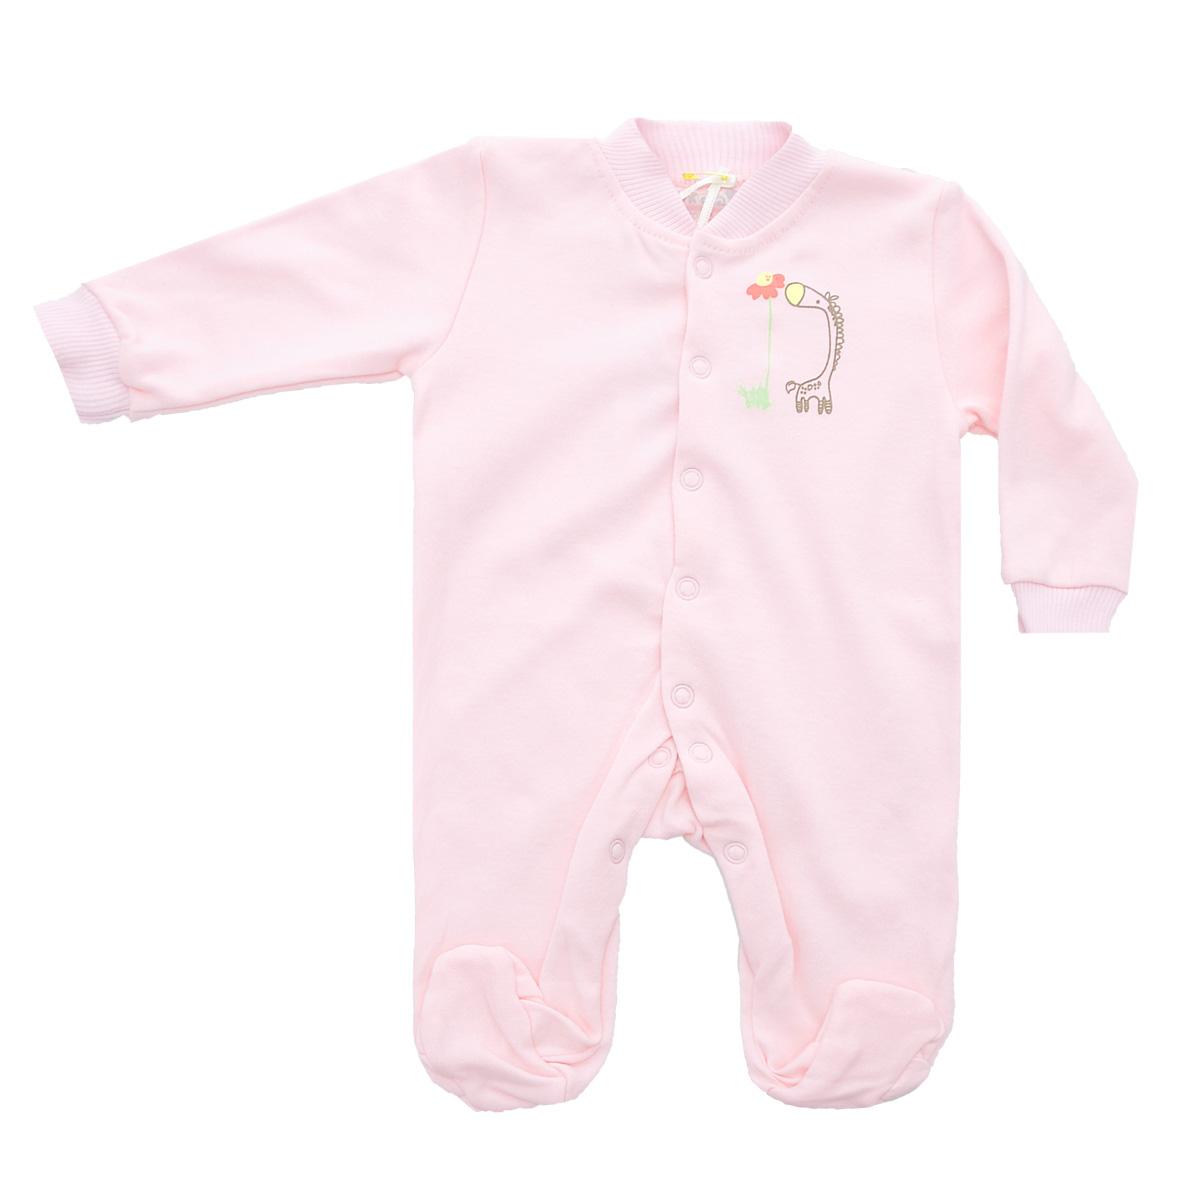 Комбинезон домашний37-550Удобный детский комбинезон Клякса послужит идеальным дополнением к гардеробу ребенка. Комбинезон изготовлен из интерлок-пенье - натурального хлопка, благодаря чему он необычайно мягкий и легкий, не раздражает нежную кожу младенца и хорошо вентилируется, а эластичные швы приятны телу малыша и не препятствуют его движениям. Комбинезон с длинными рукавами, небольшим воротничком-стойкой и закрытыми ножками имеет ассиметричные застежки-кнопки от горловины до щиколотки, которые помогают легко переодеть ребенка или сменить подгузник. Низ рукавов дополнен широкими эластичными манжетами, не пережимающими запястья малыша. На груди изделие оформлено оригинальным принтом с изображением забавного животного. Комбинезон полностью соответствует особенностям жизни ребенка в ранний период, не стесняя и не ограничивая его в движениях!